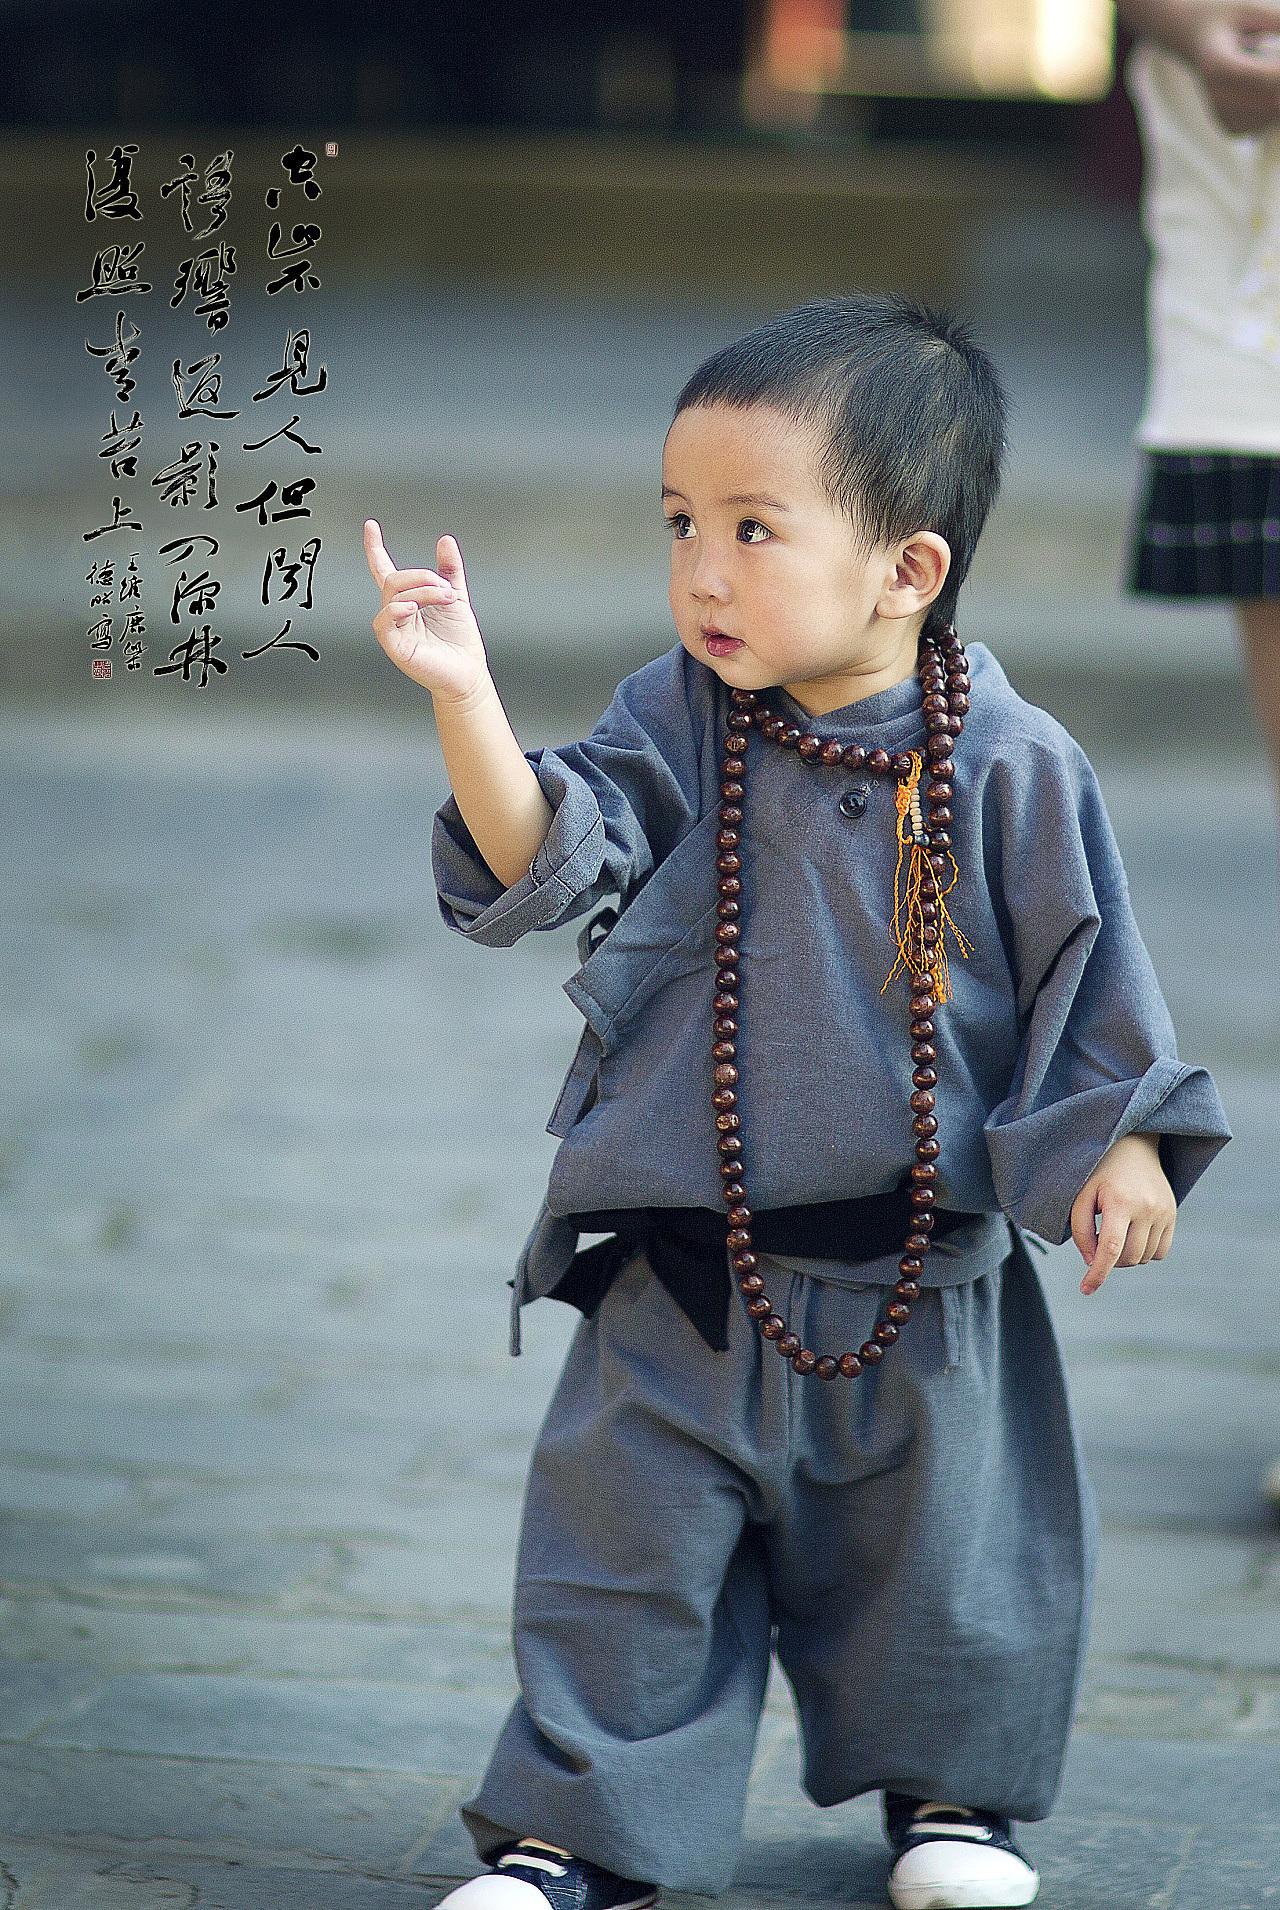 拿着你给你的照片_佛主殿前的小和尚 摄影 人像 韩文静很文静 - 原创作品 - 站酷 (ZCOOL)